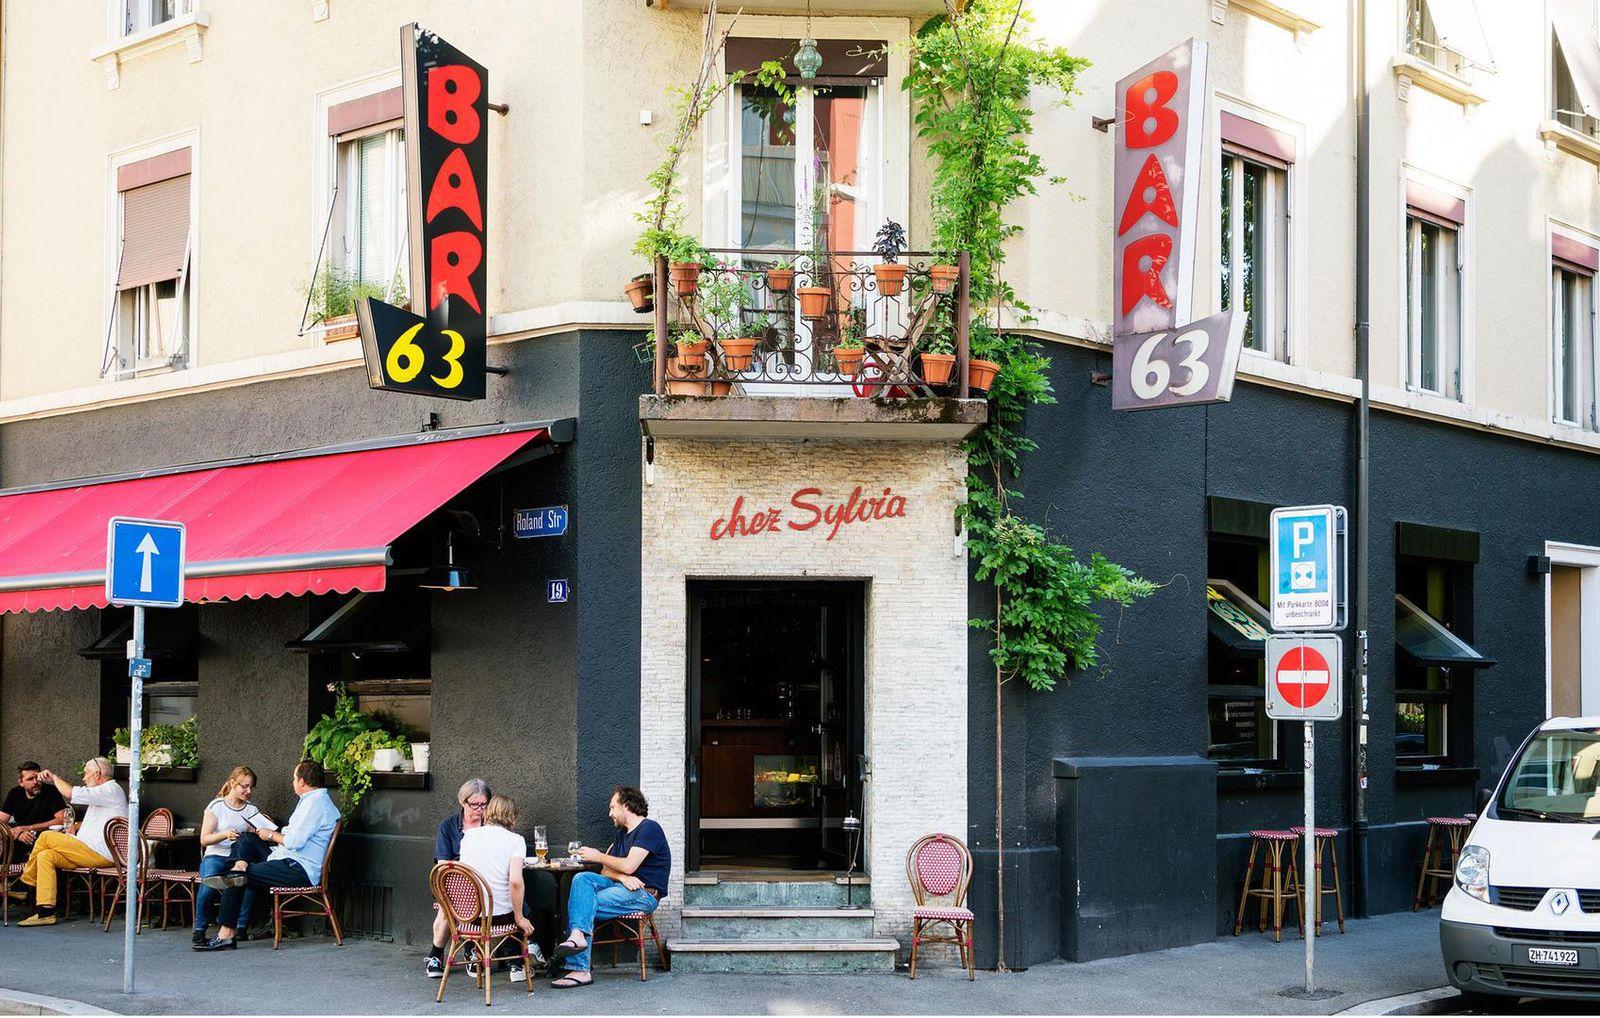 Bar 63 in Zürich